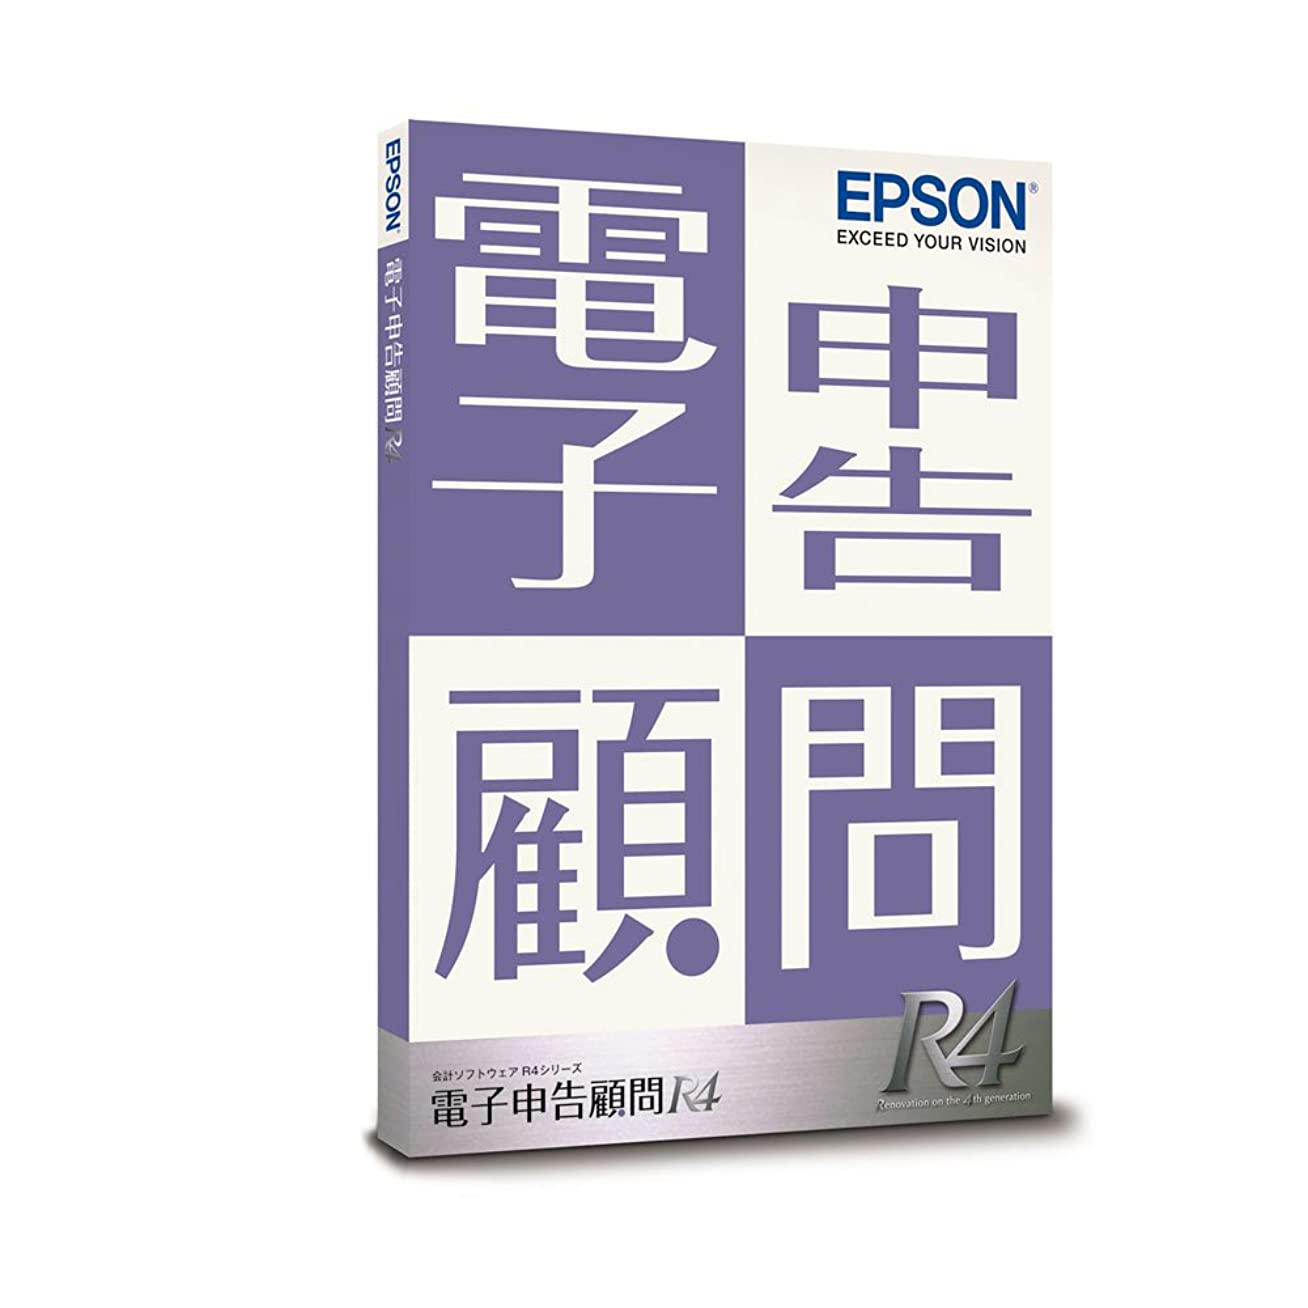 書き込み干し草他に【旧商品】エプソン 電子申告顧問 R4 | 1ユーザー